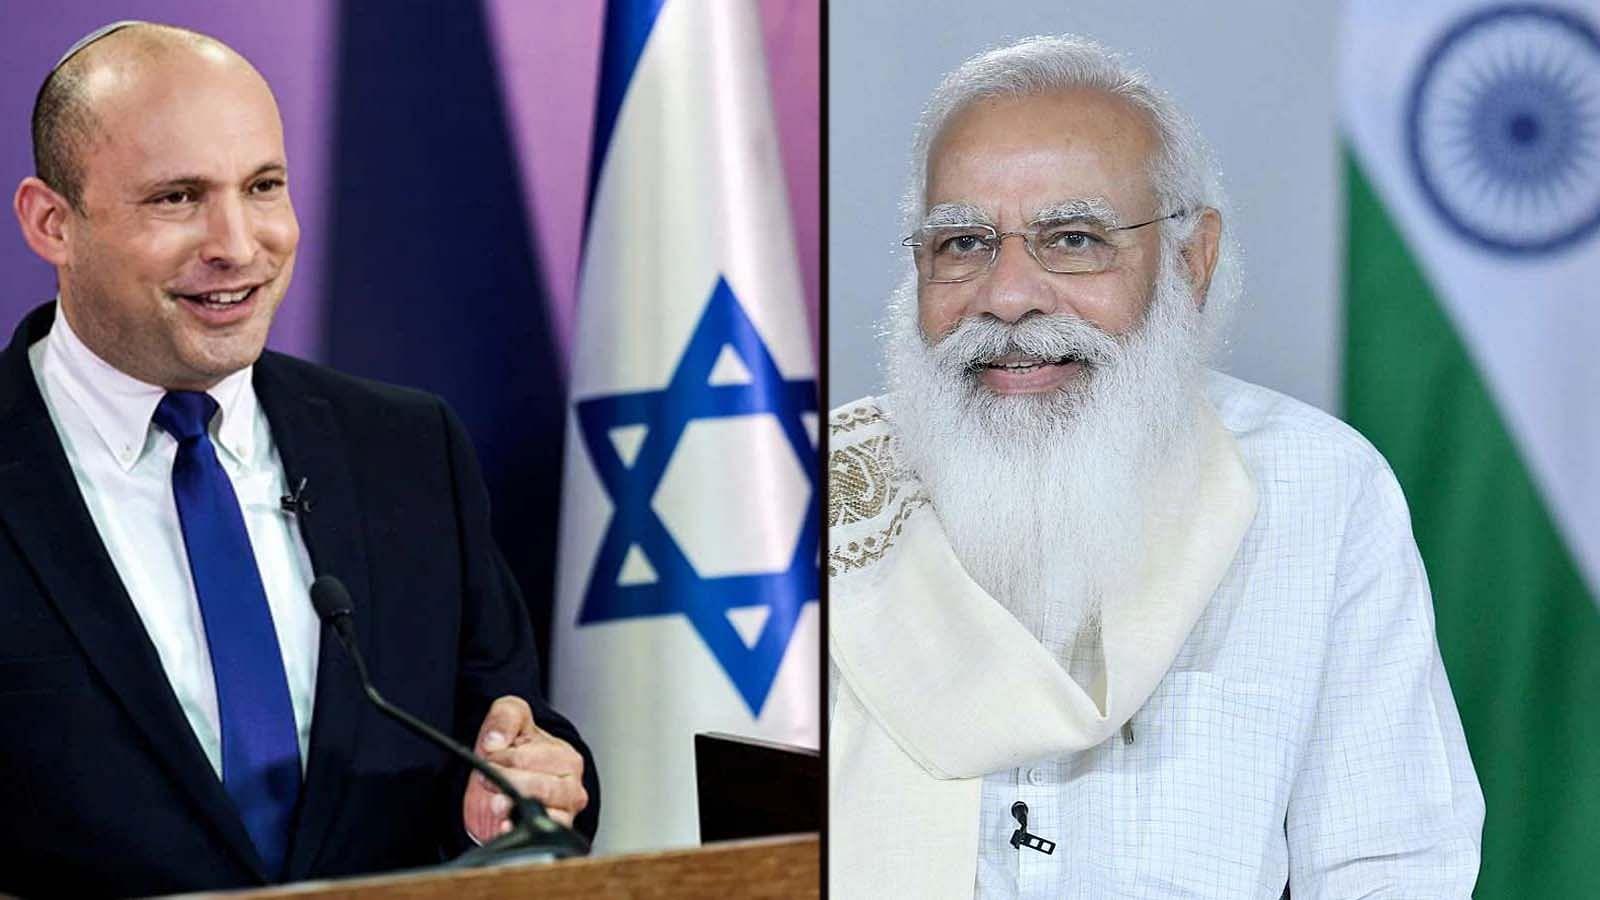 नई दिल्ली / पीएम मोदी ने नफ्ताली बेनेट को इस्राइल का नया प्रधानमंत्री बनने पर बधाई दी